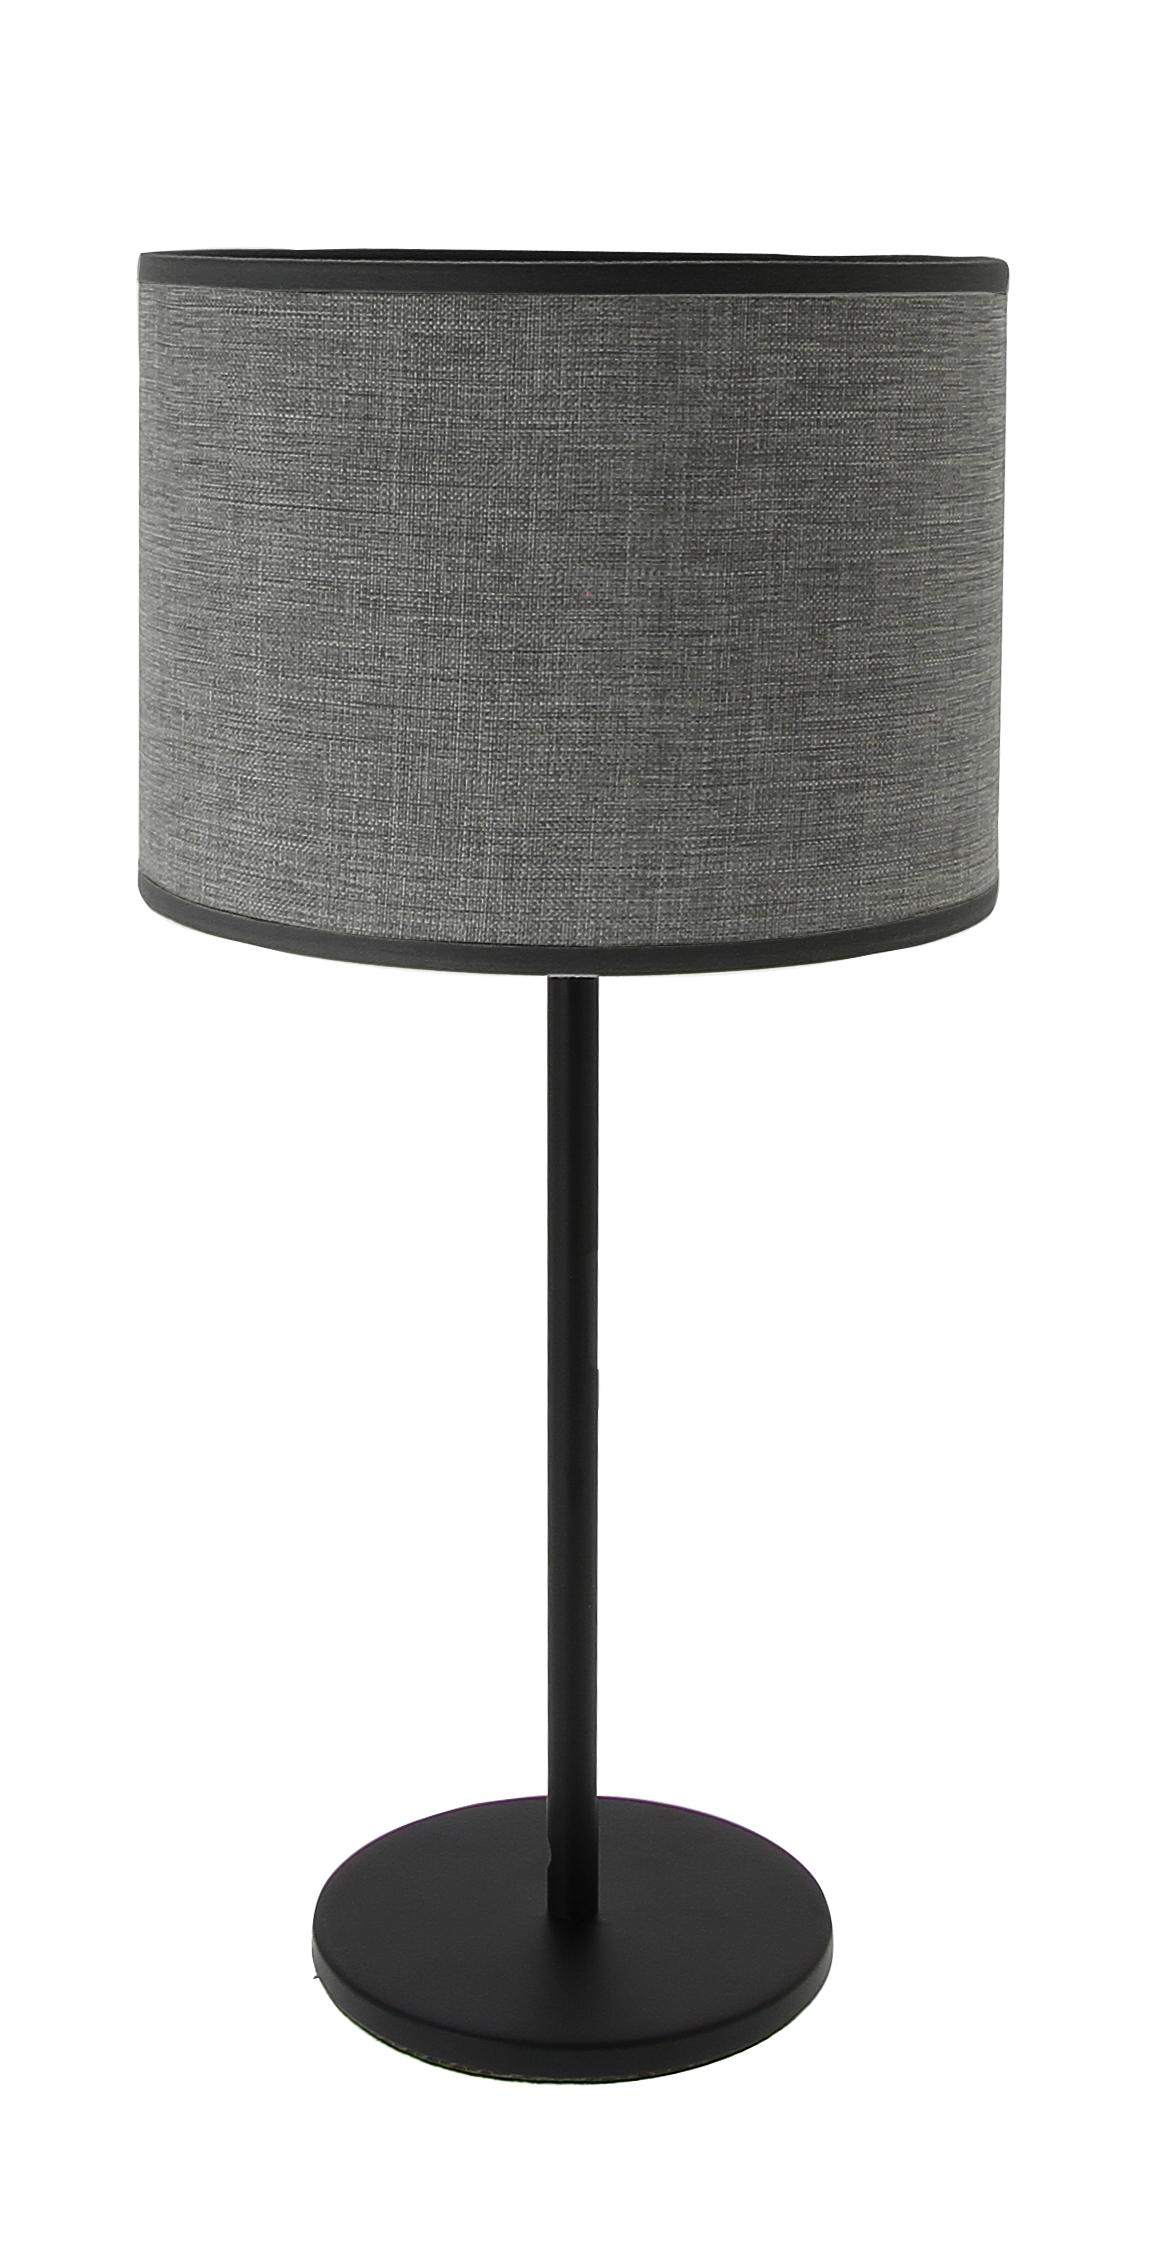 Gris Max Titanepied Gris Lampe Anthracite Titanepied Lampe Max Anthracite N0wnOvm8